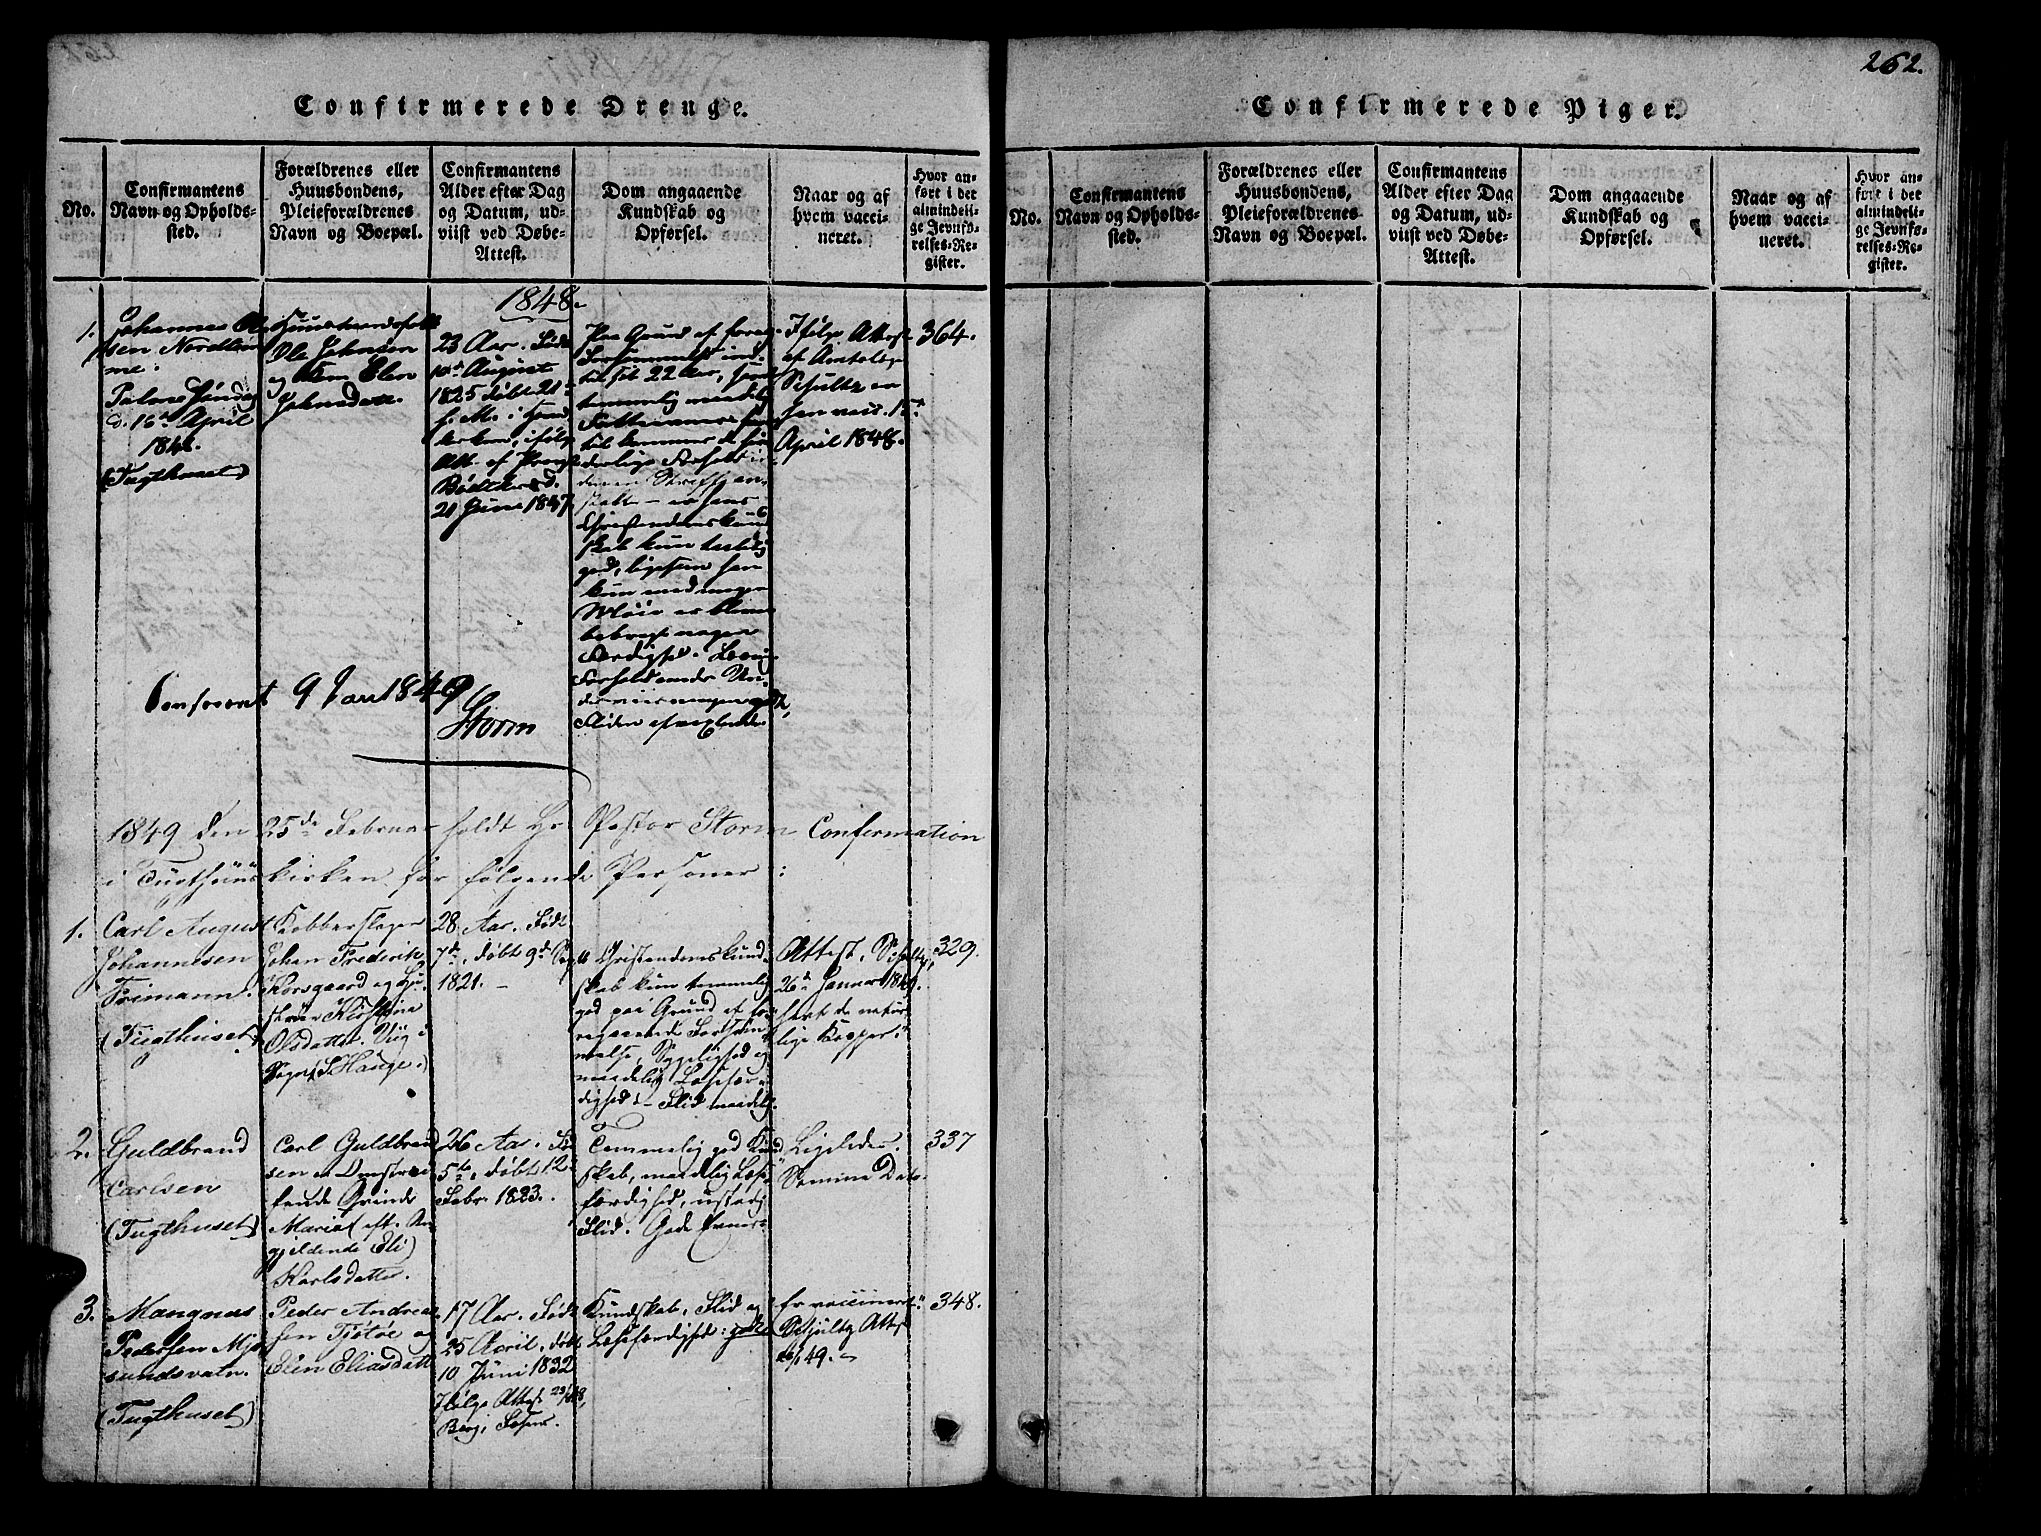 SAT, Ministerialprotokoller, klokkerbøker og fødselsregistre - Sør-Trøndelag, 623/L0478: Klokkerbok nr. 623C01, 1815-1873, s. 262